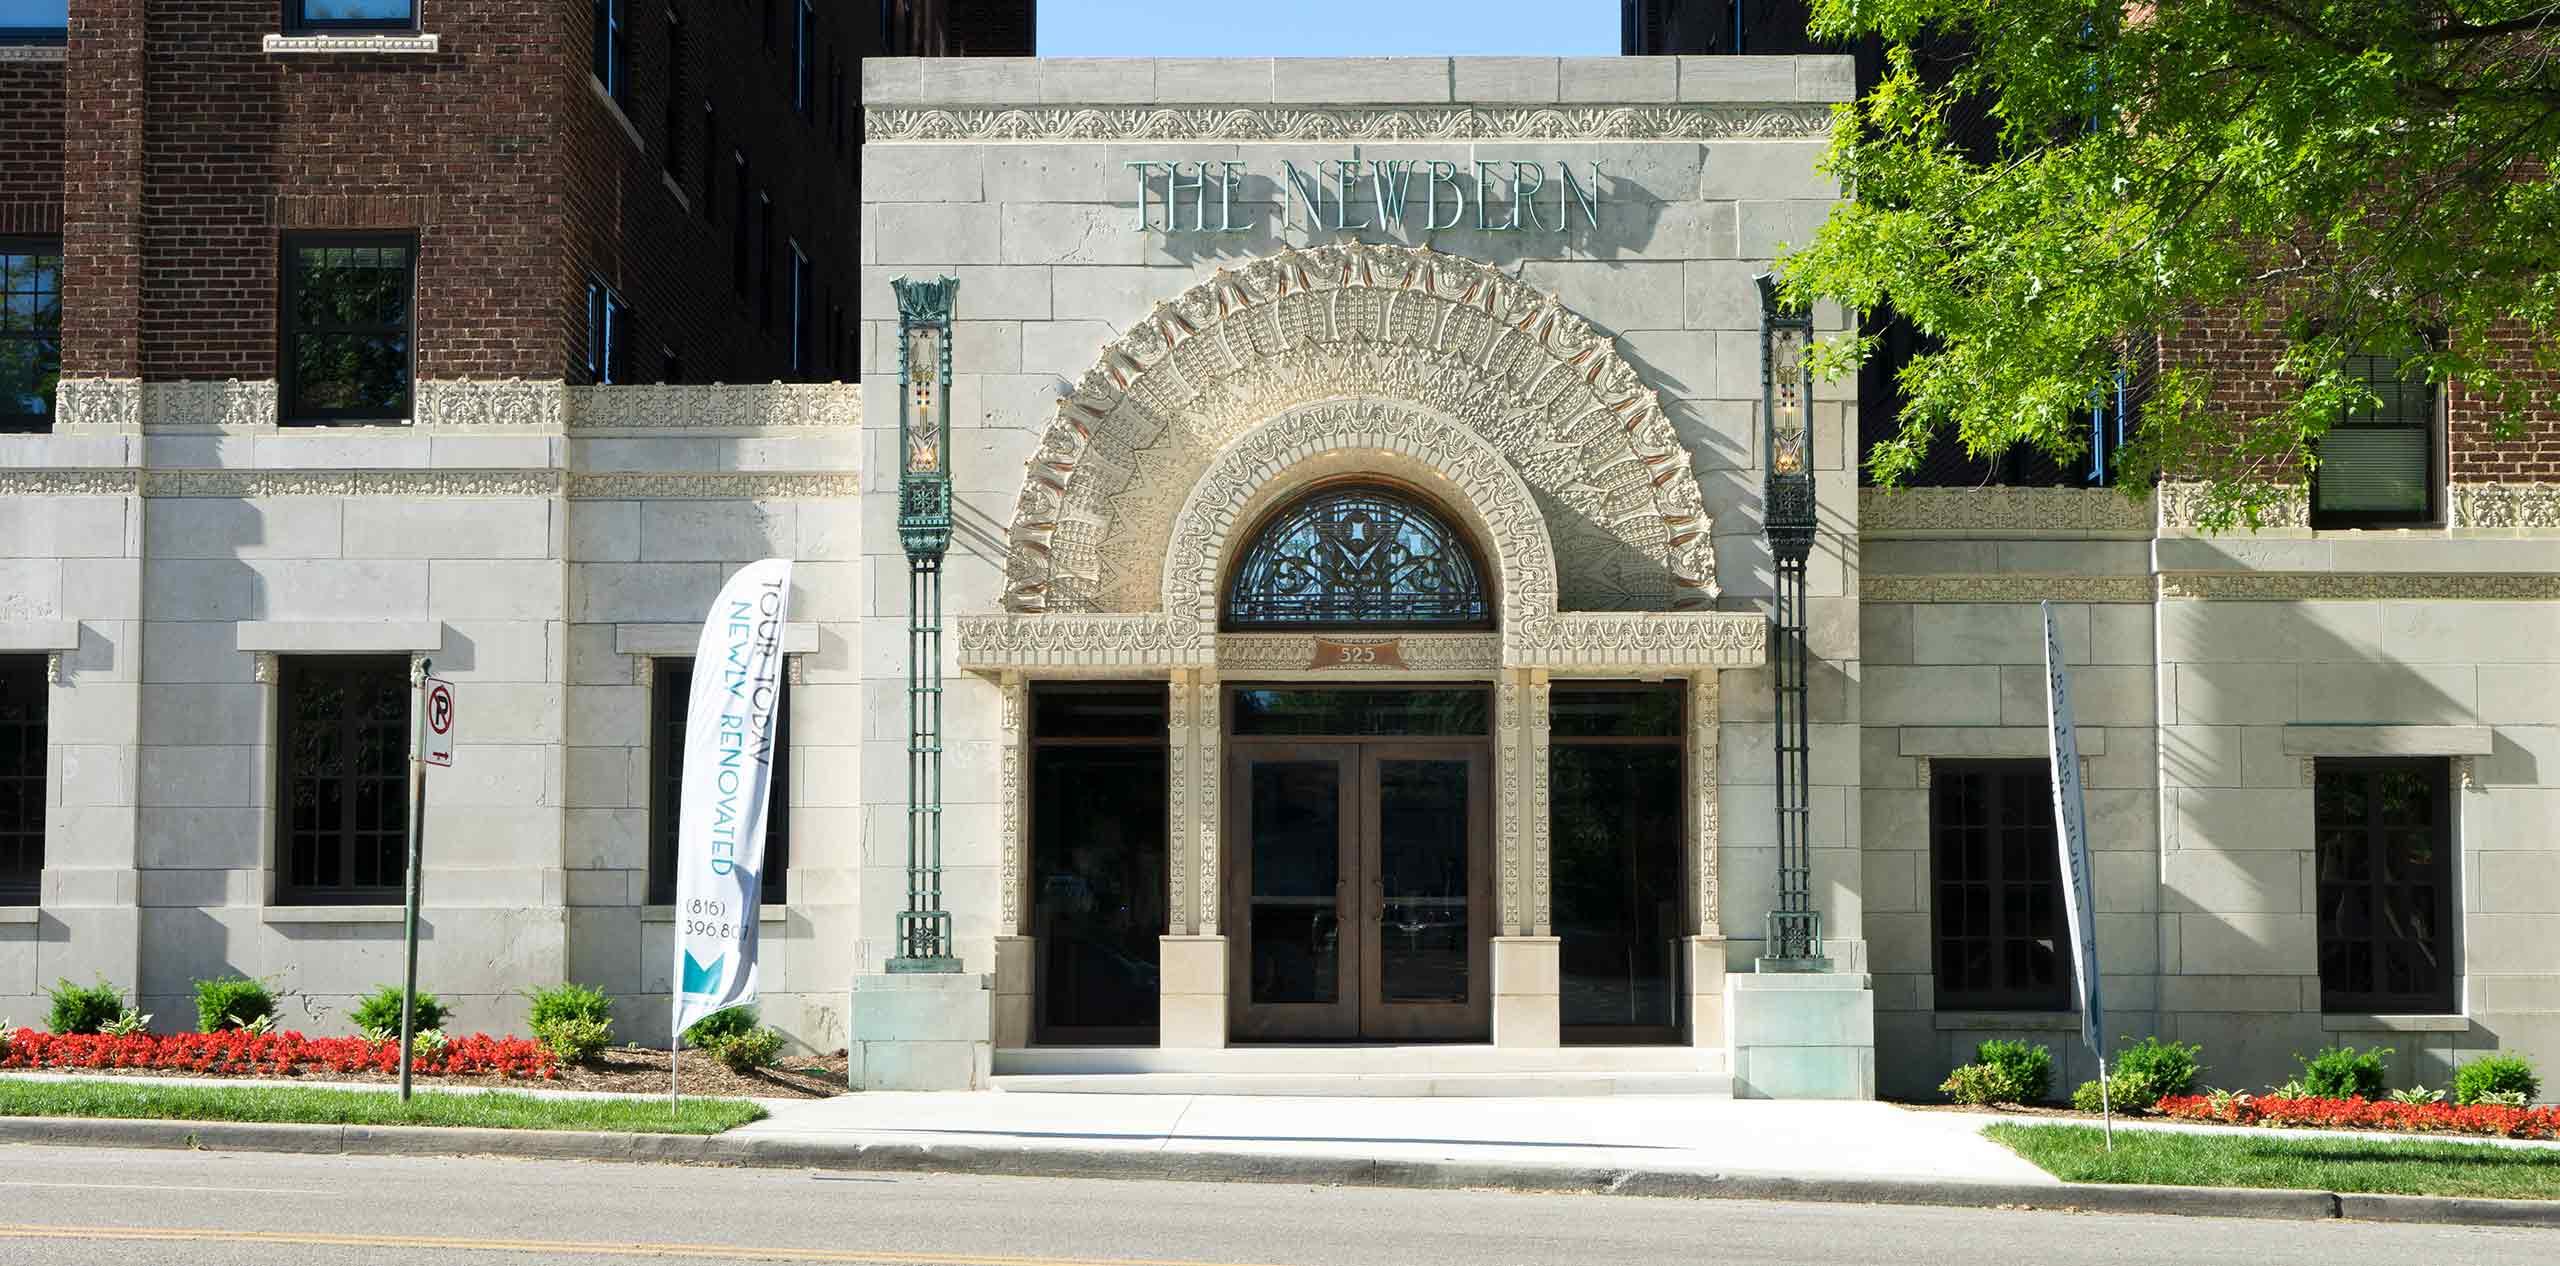 Newbern-Apartments-Front-Door